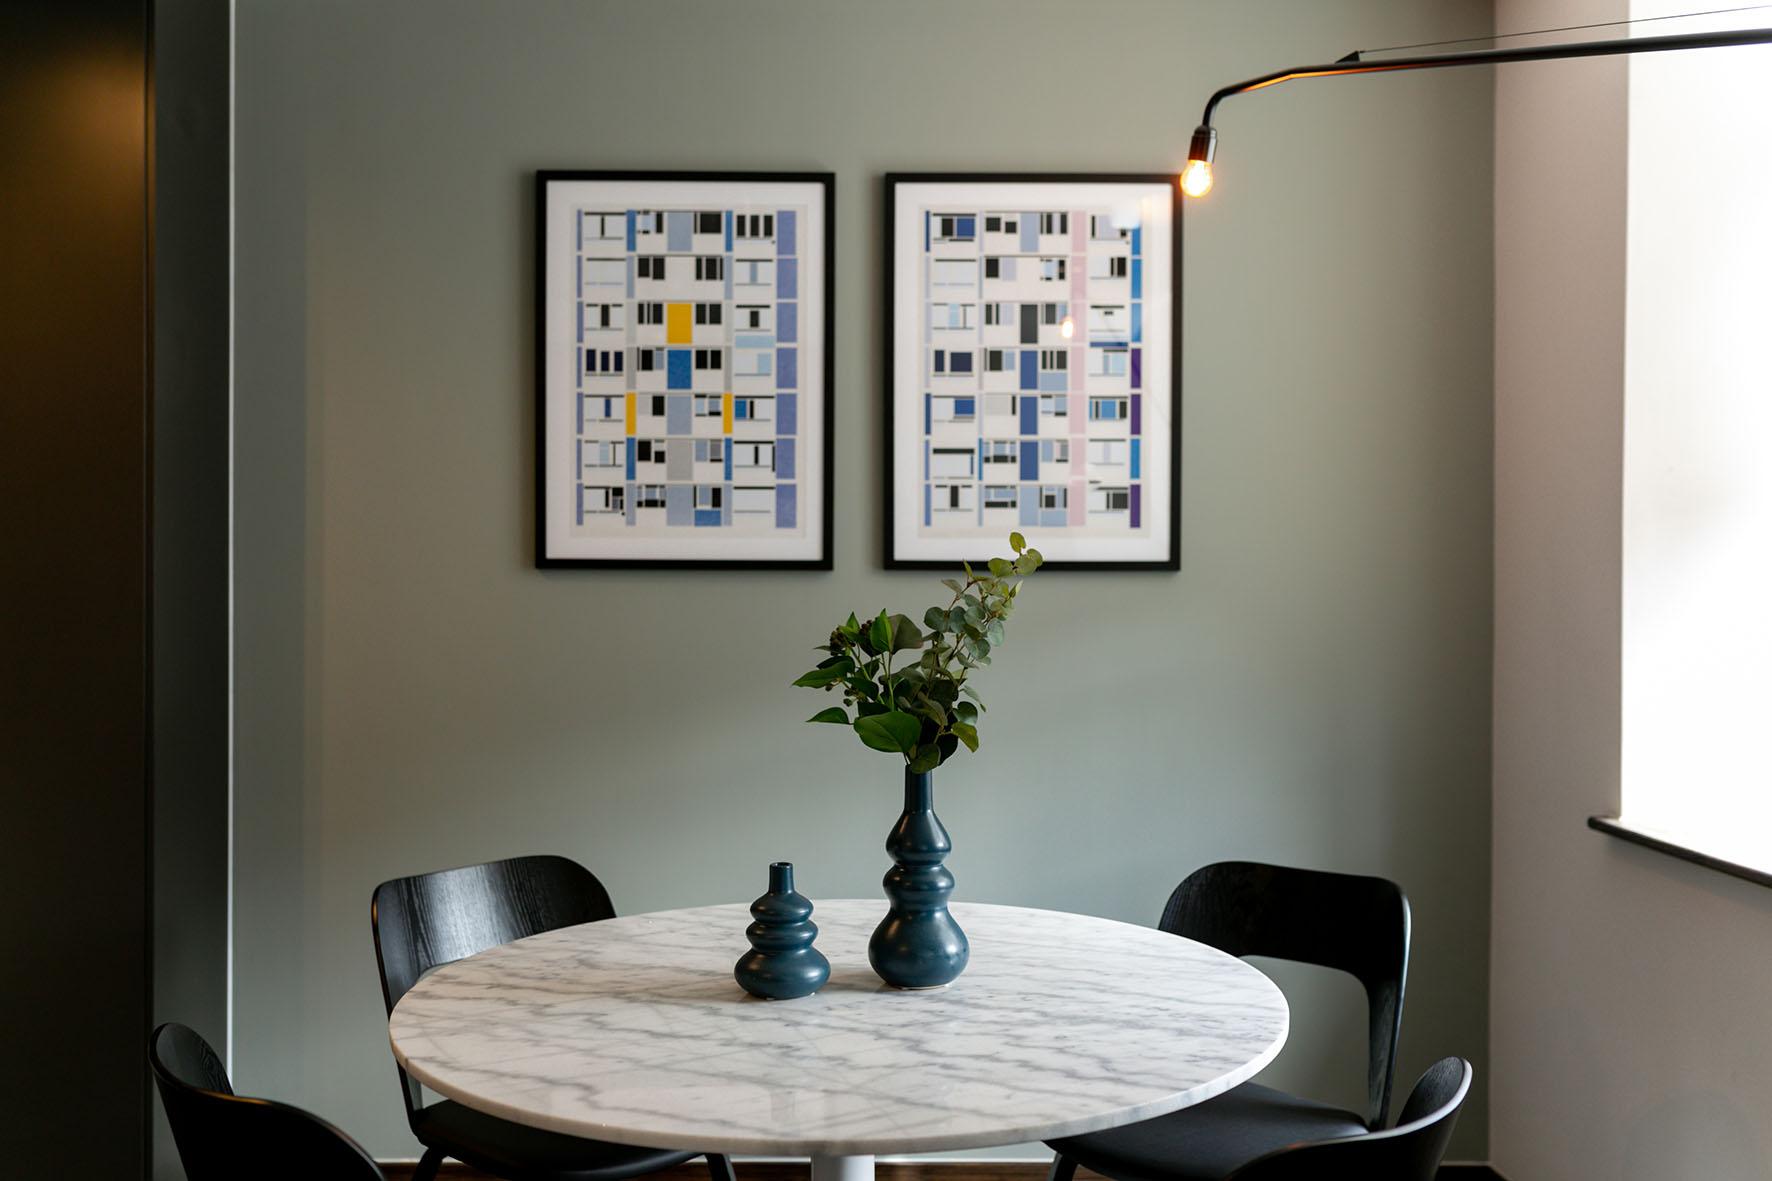 Lovelydays luxury service apartment rental - London - Soho - Oxford Street V - Lovelysuite - 1 bedrooms - 1 bathrooms - Dining living room - 01e716e1db8b - Lovelydays